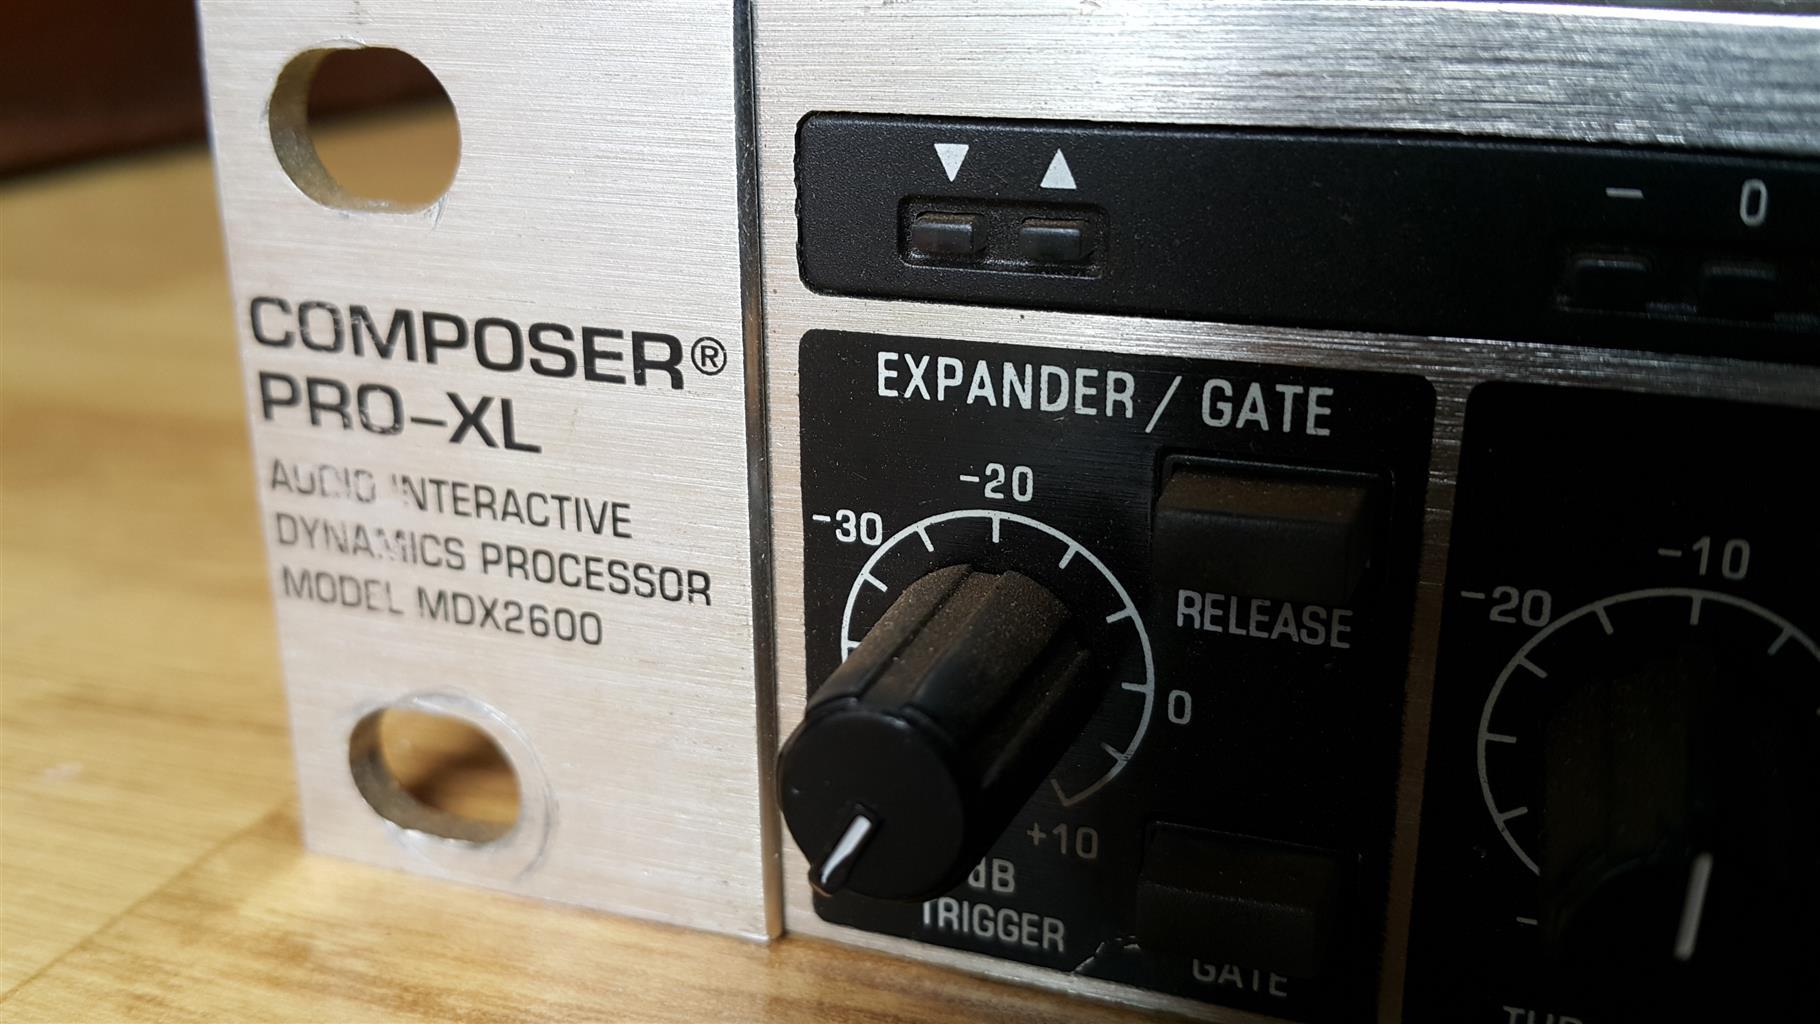 Behringer Composer Pro XL MDX2600